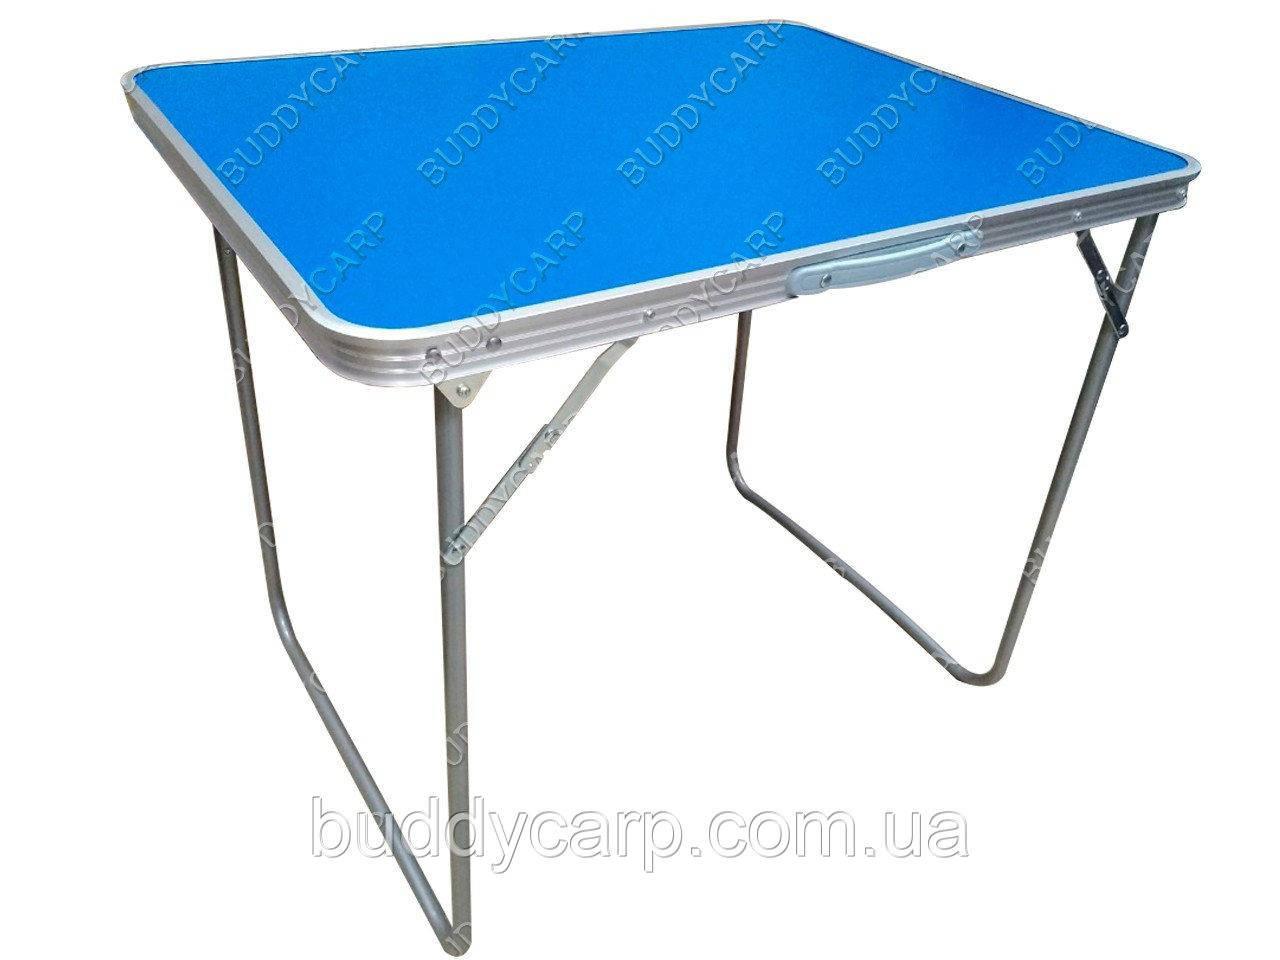 Стіл складаний алюмінієвий 70*50*60 см